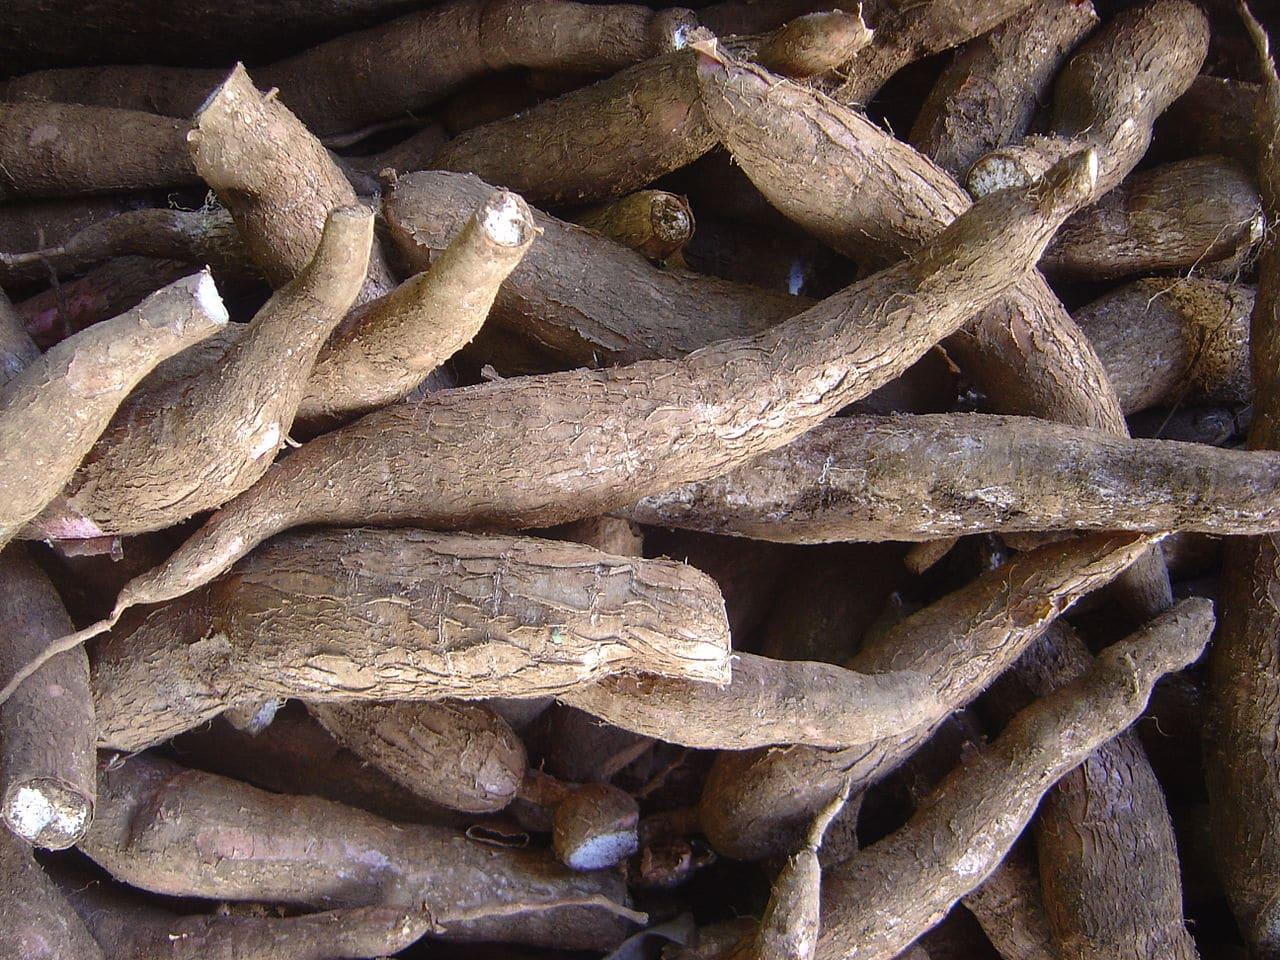 La mandioca es un tubérculo comestible